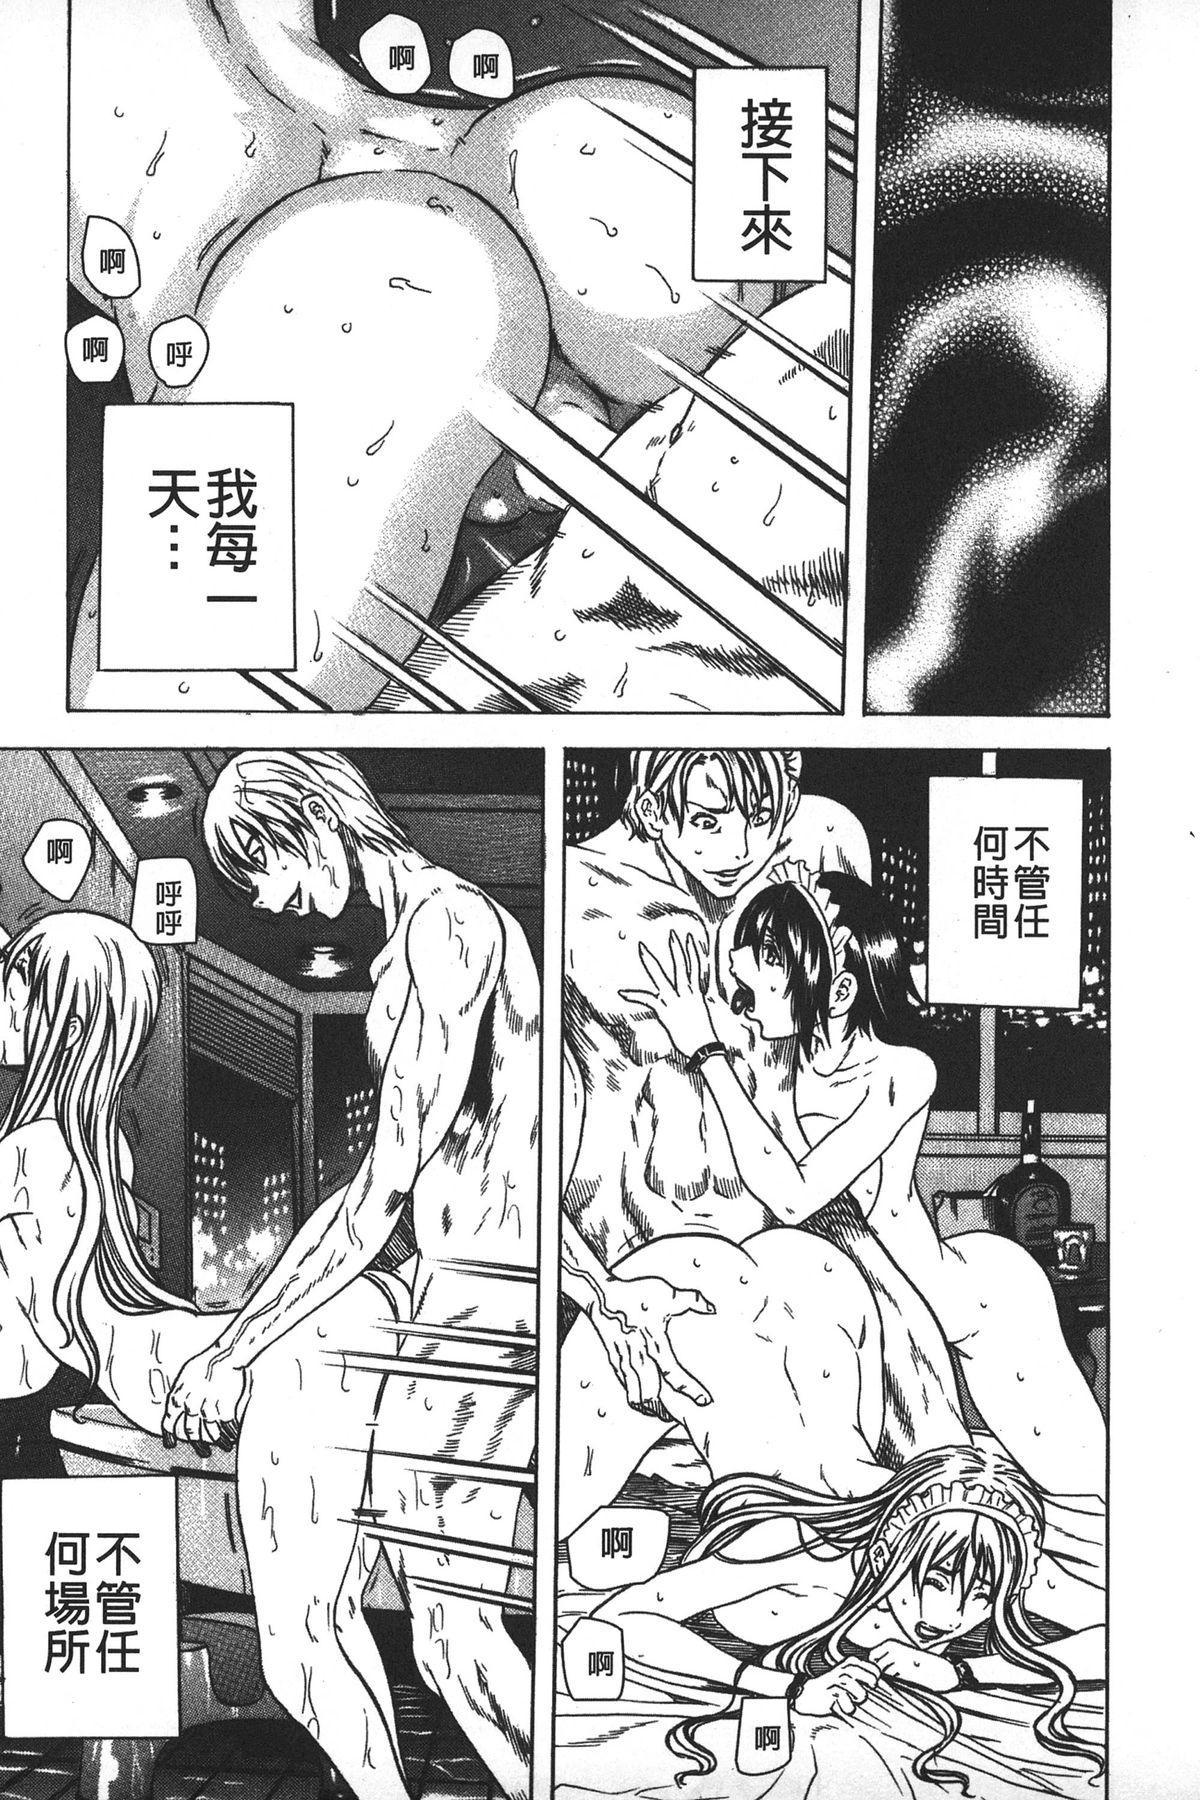 Ryoujoku Kyoushitsu 149